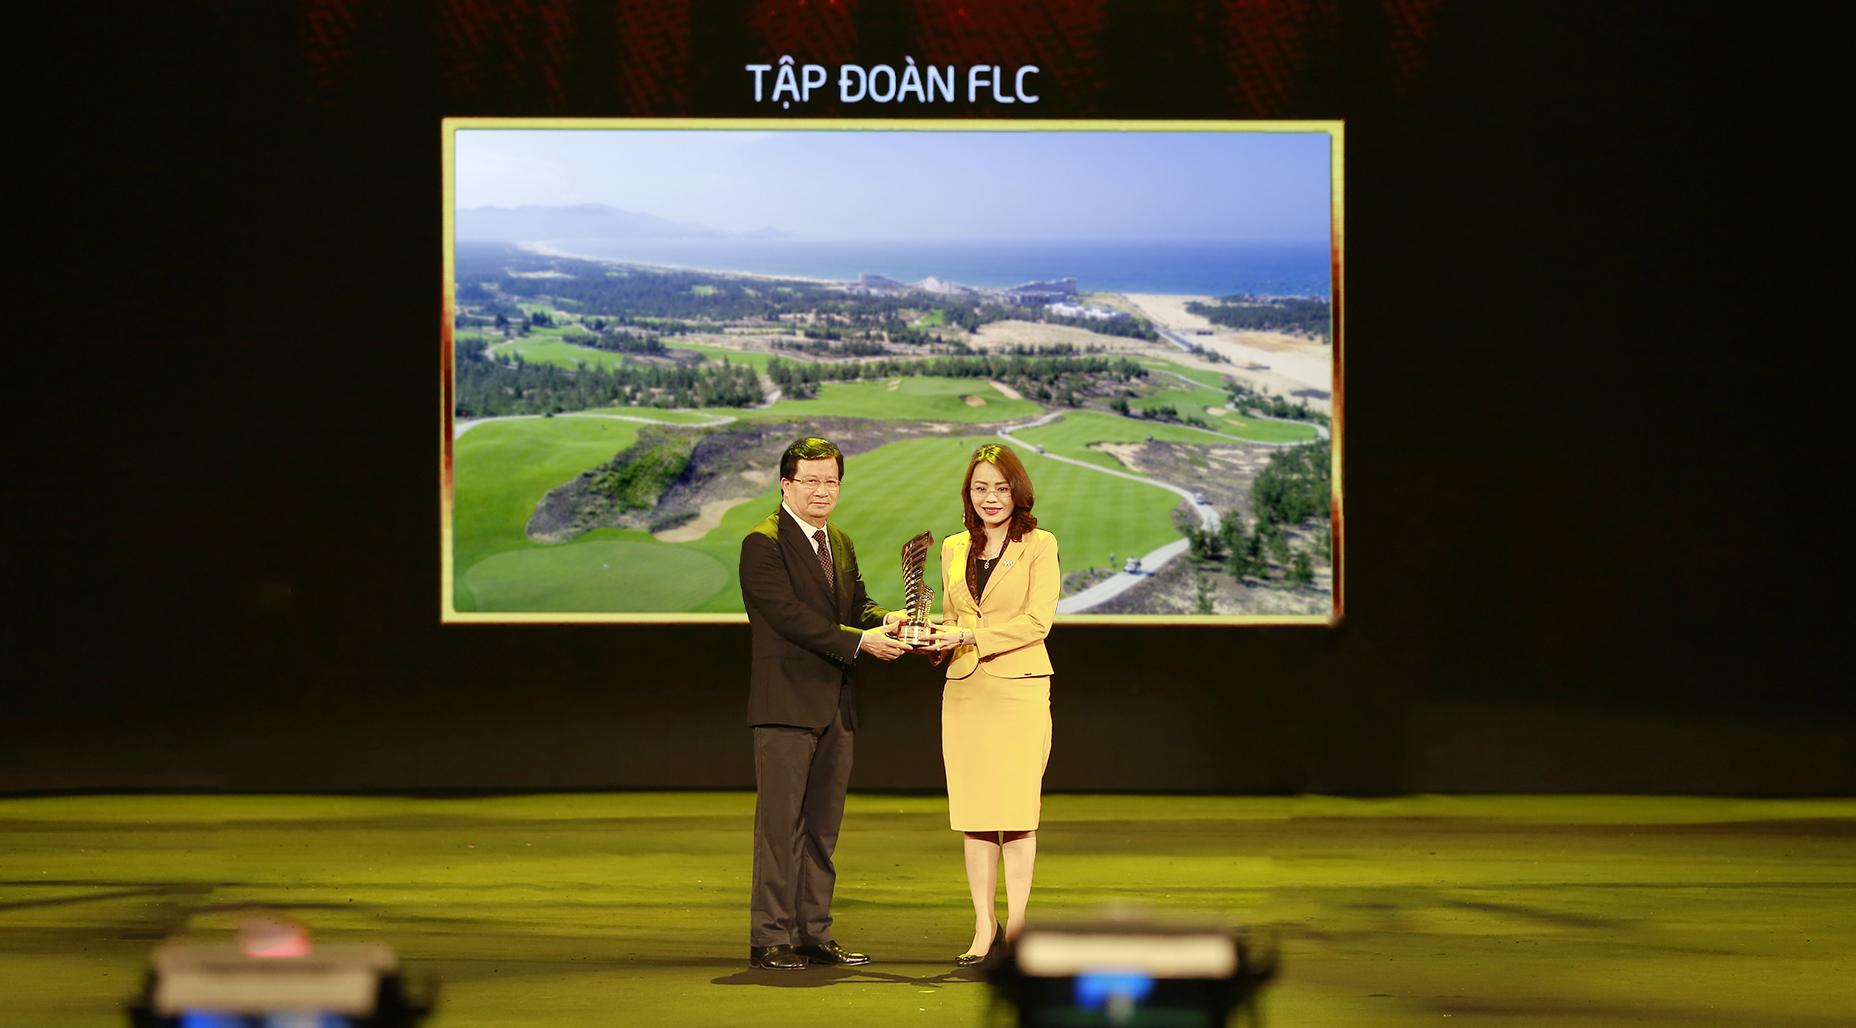 Tập đoàn FLC đoạt 3 giải danh giá của Giải thưởng Quốc gia Bất động sản Việt Nam 2018